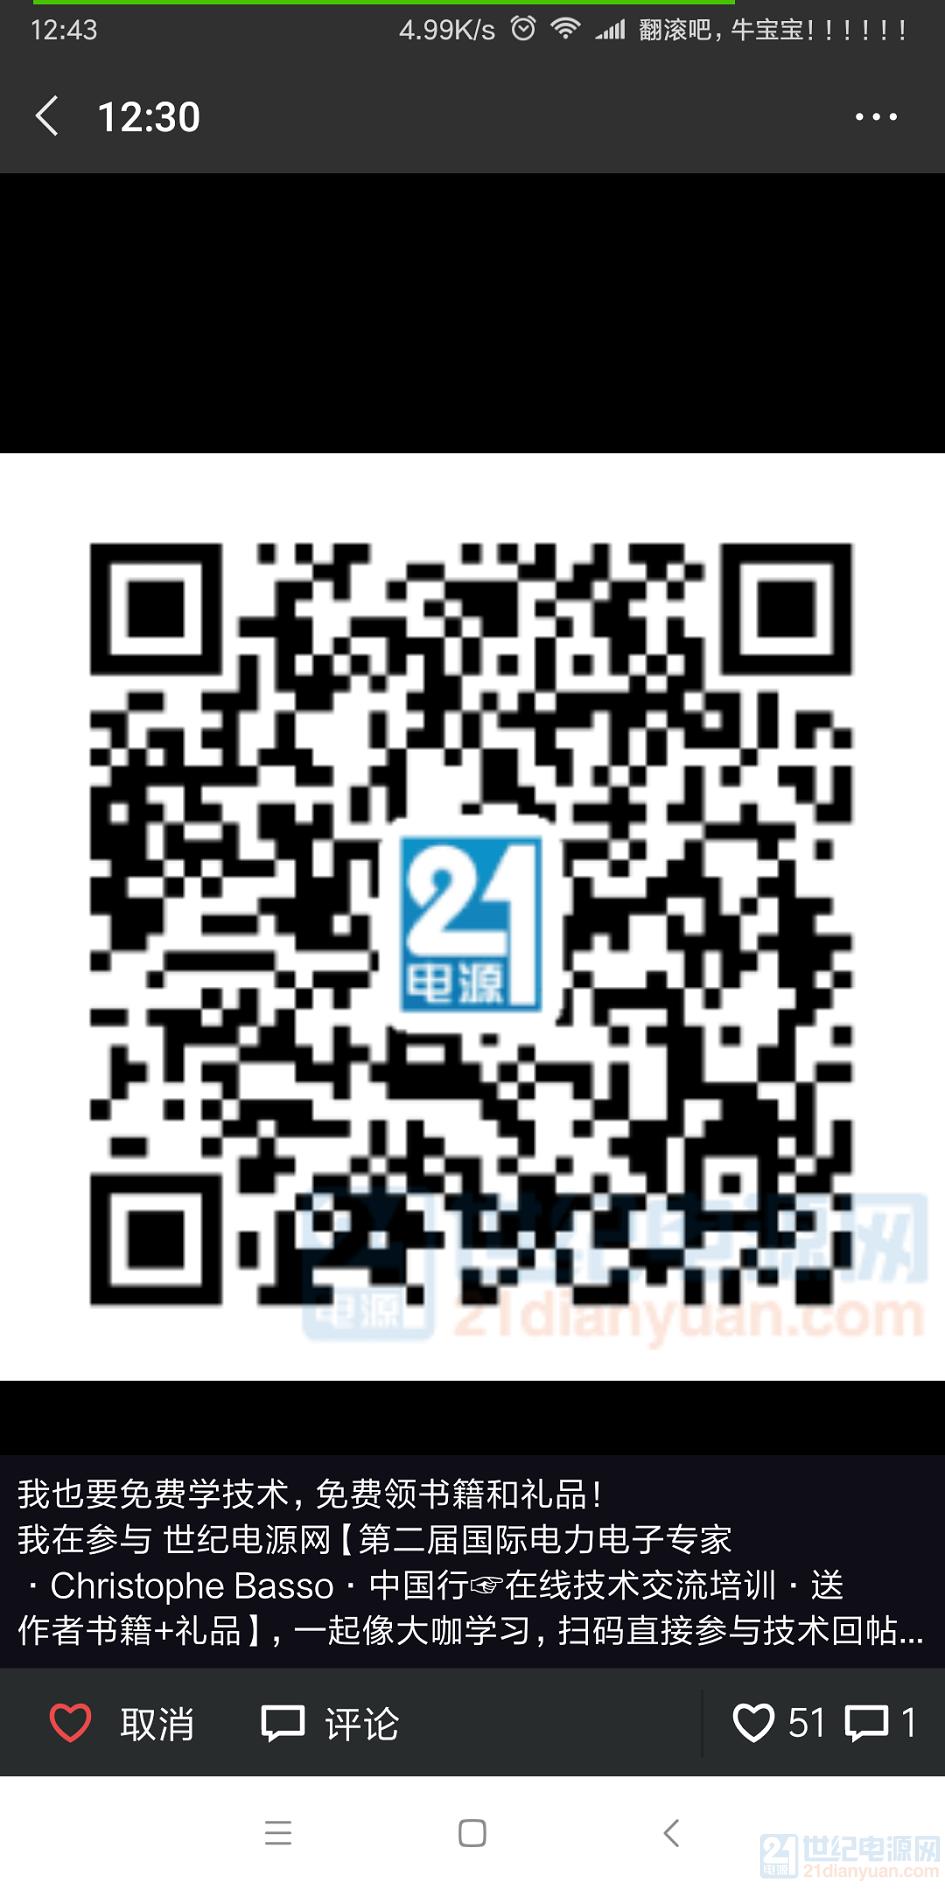 微信图片_20180814125340.png